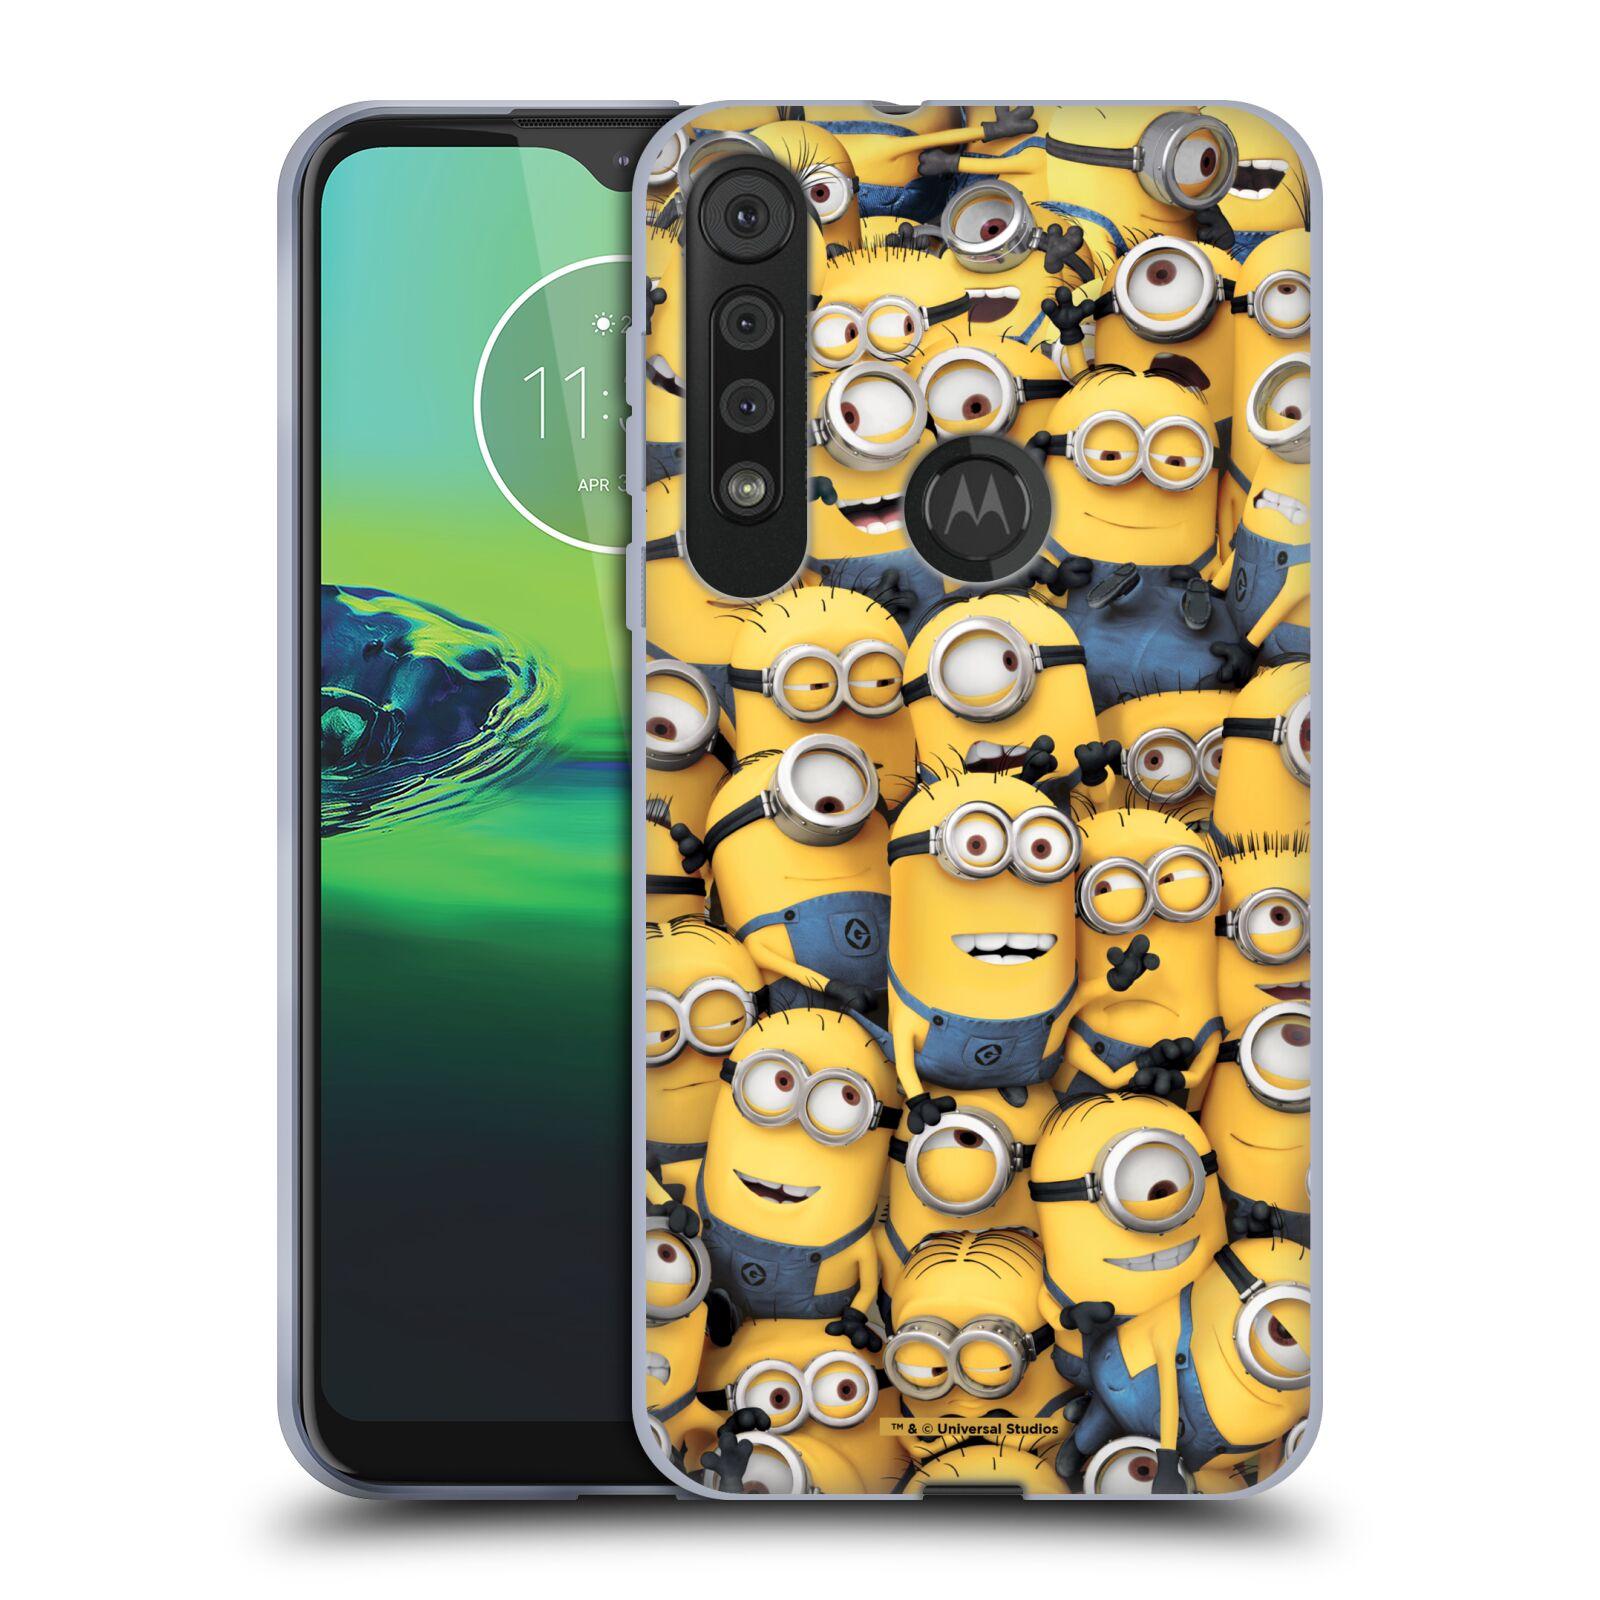 Silikonové pouzdro na mobil Motorola One Macro - Head Case - Mimoni všude z filmu Já, padouch - Despicable Me